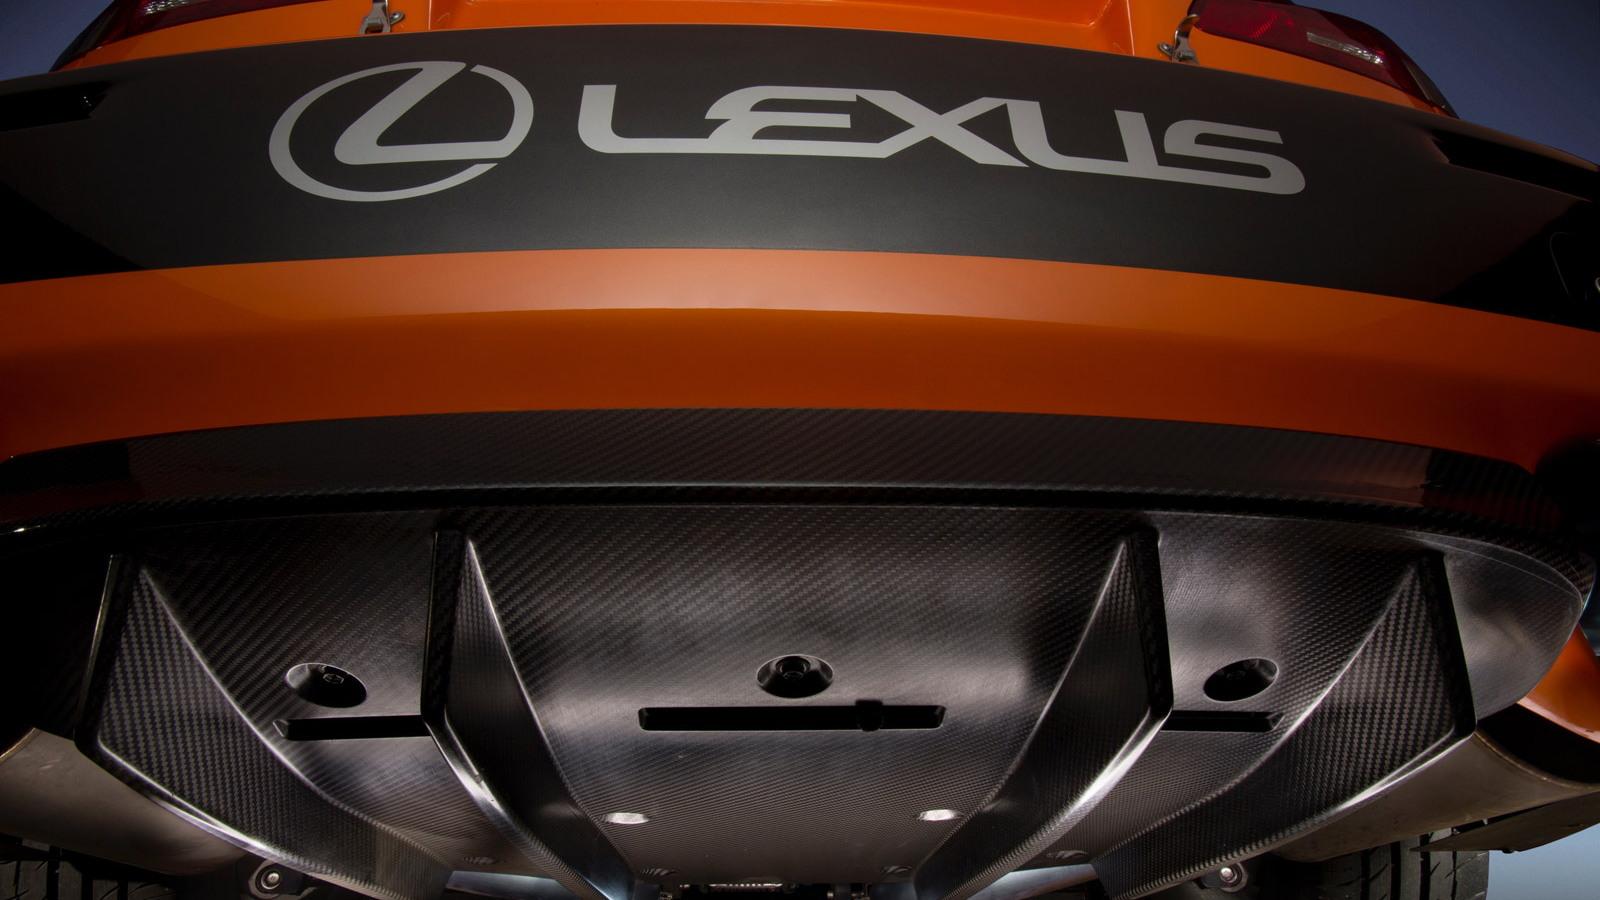 2012 Lexus IS F CCS-R race car